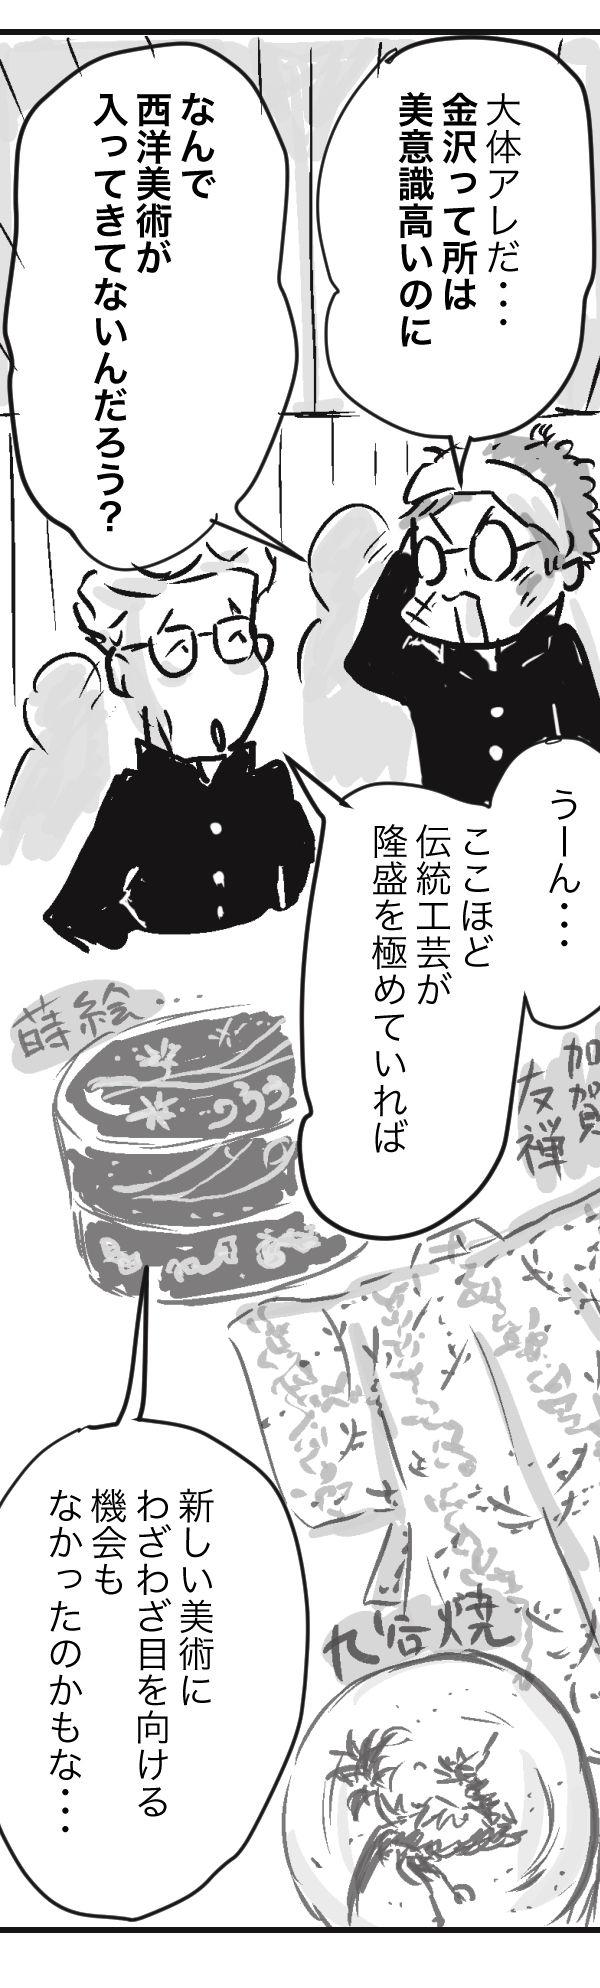 山田 金沢 4−2−3